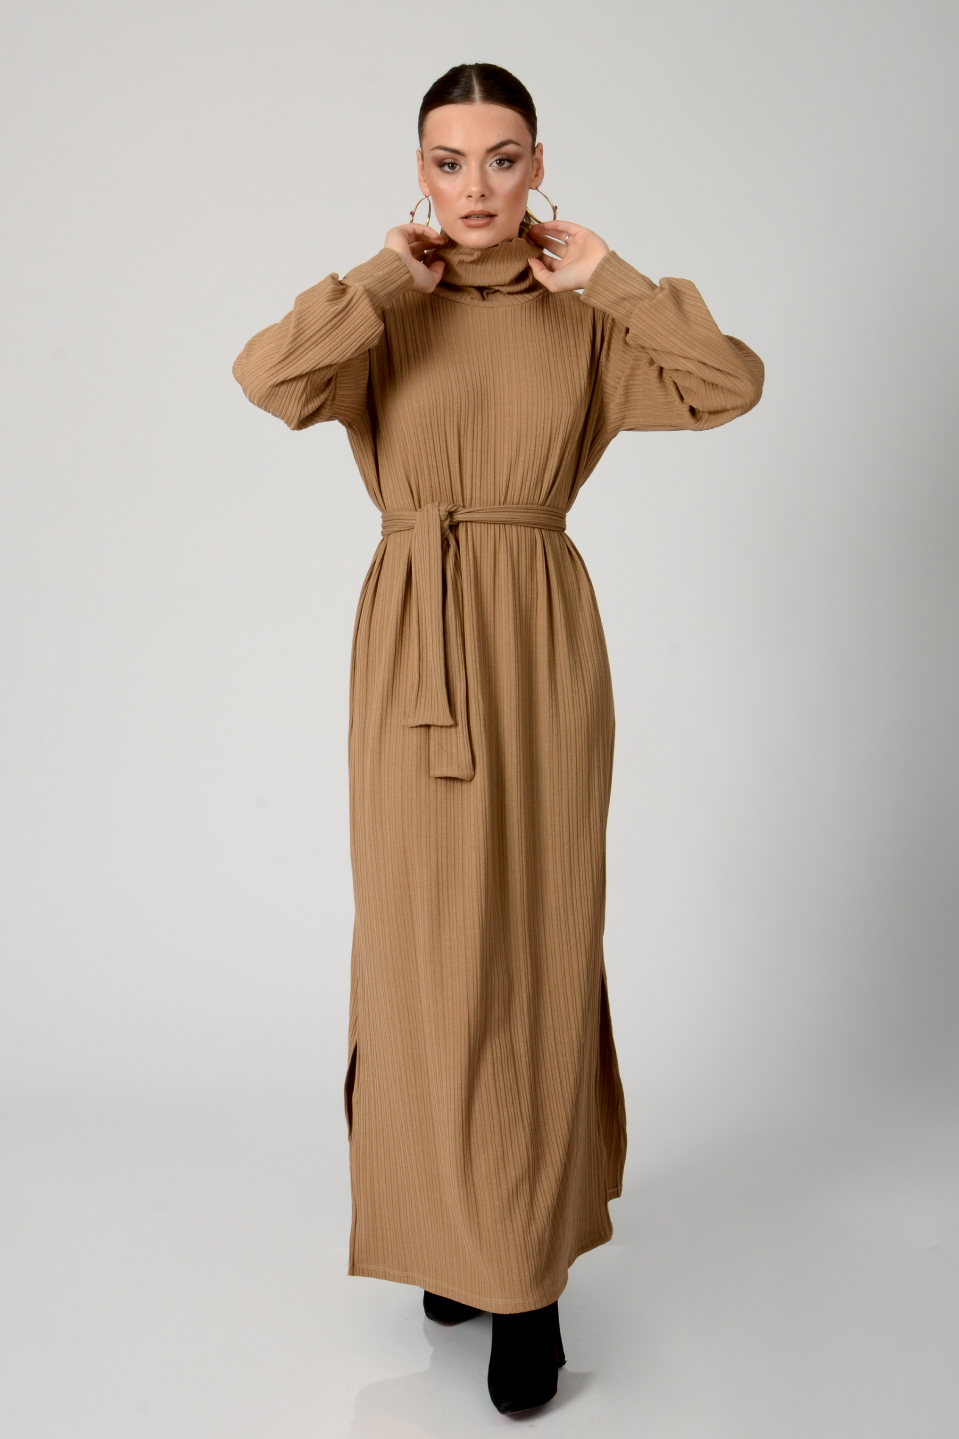 שמלת סלין ערב כאמל